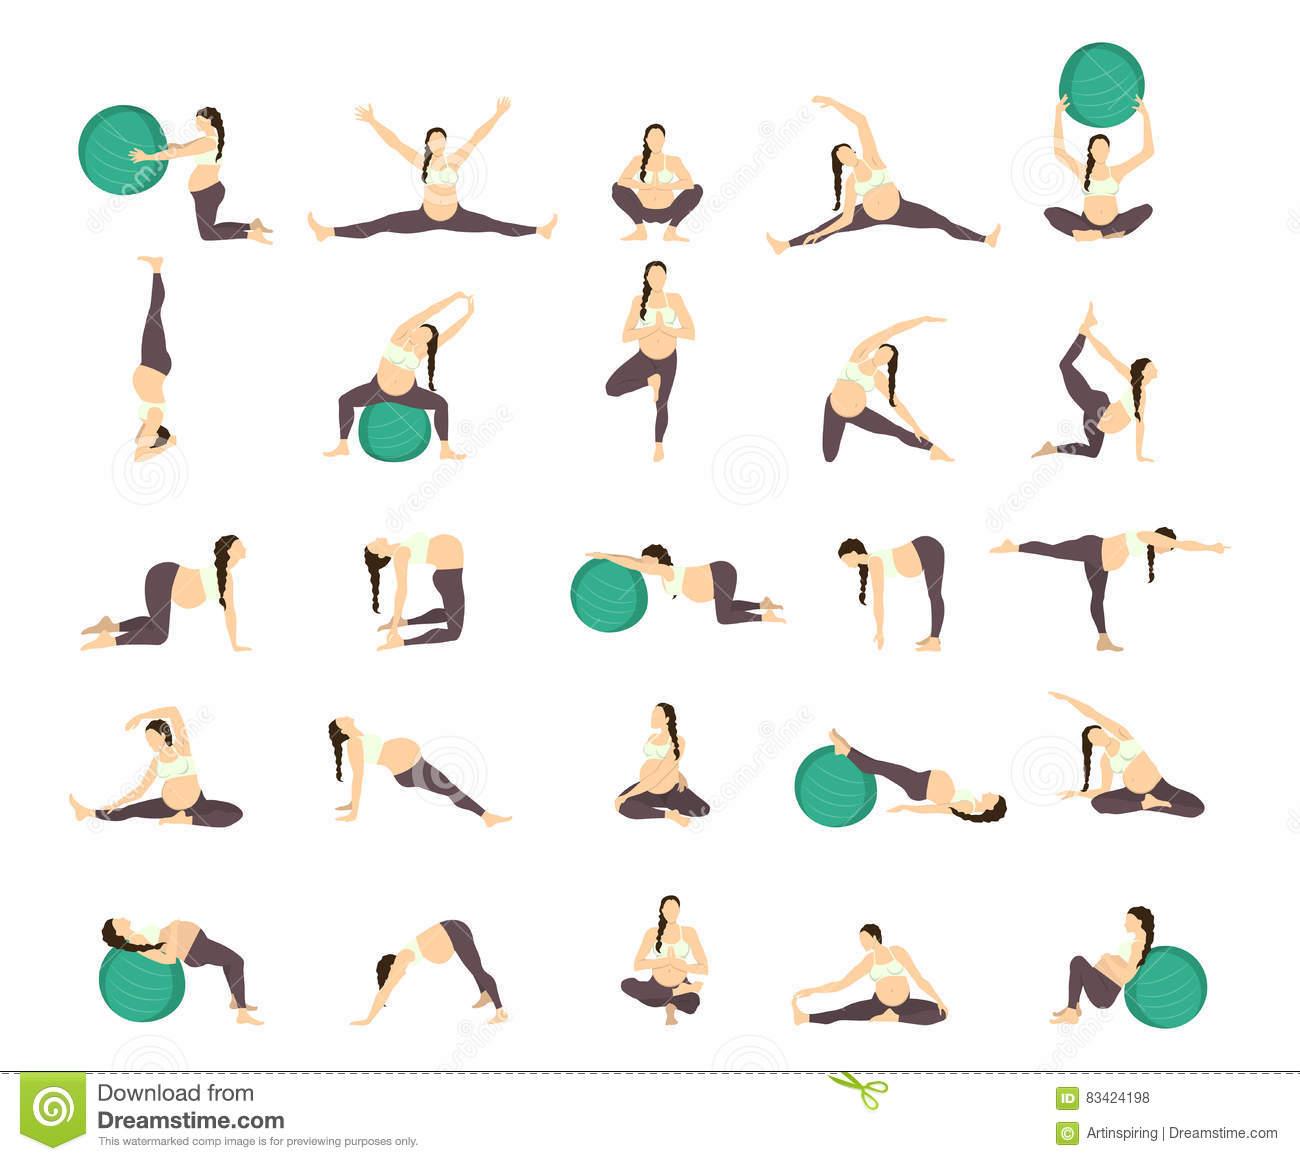 Гимнастика для беременных во 2 триместре в домашних условиях и спортзале: польза зарядки, картинки с упражнениями, рекомендации, отзывы